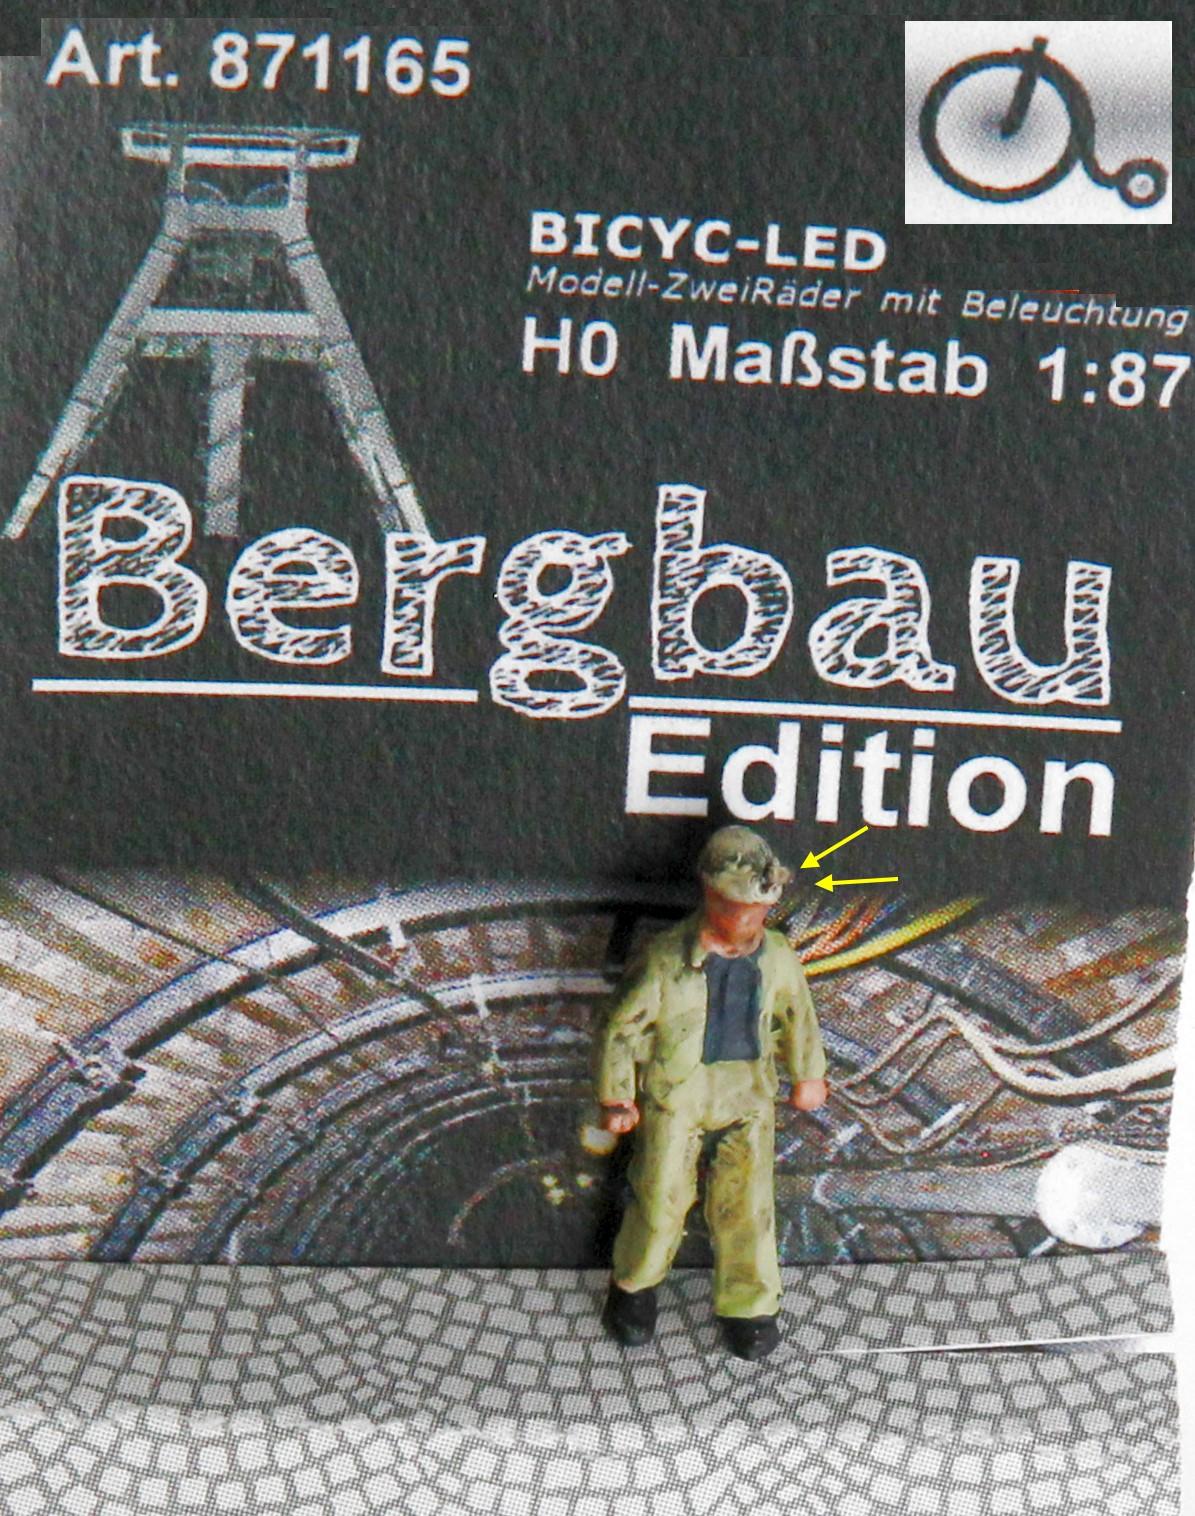 1:87 Bergmann mit Helmlampe gehend, Jacke geöffnet  - Lampe auf dem Helm der Figur beleuchtet by Bicyc-LED | günstig bestellen bei Modelleisenbahn Center  MCS Vertriebs GmbH